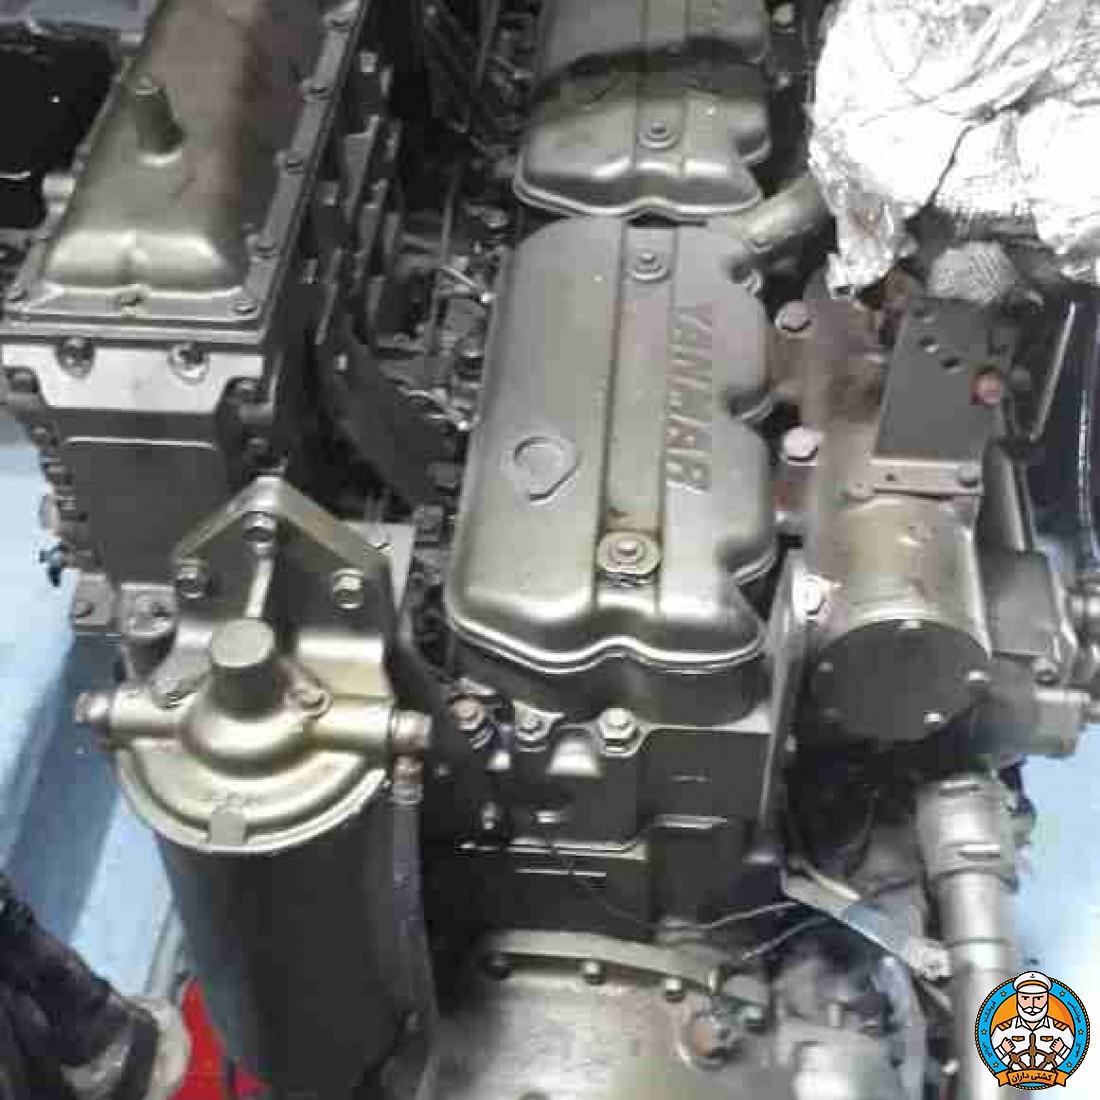 فروش موتور جی اچ یانمار